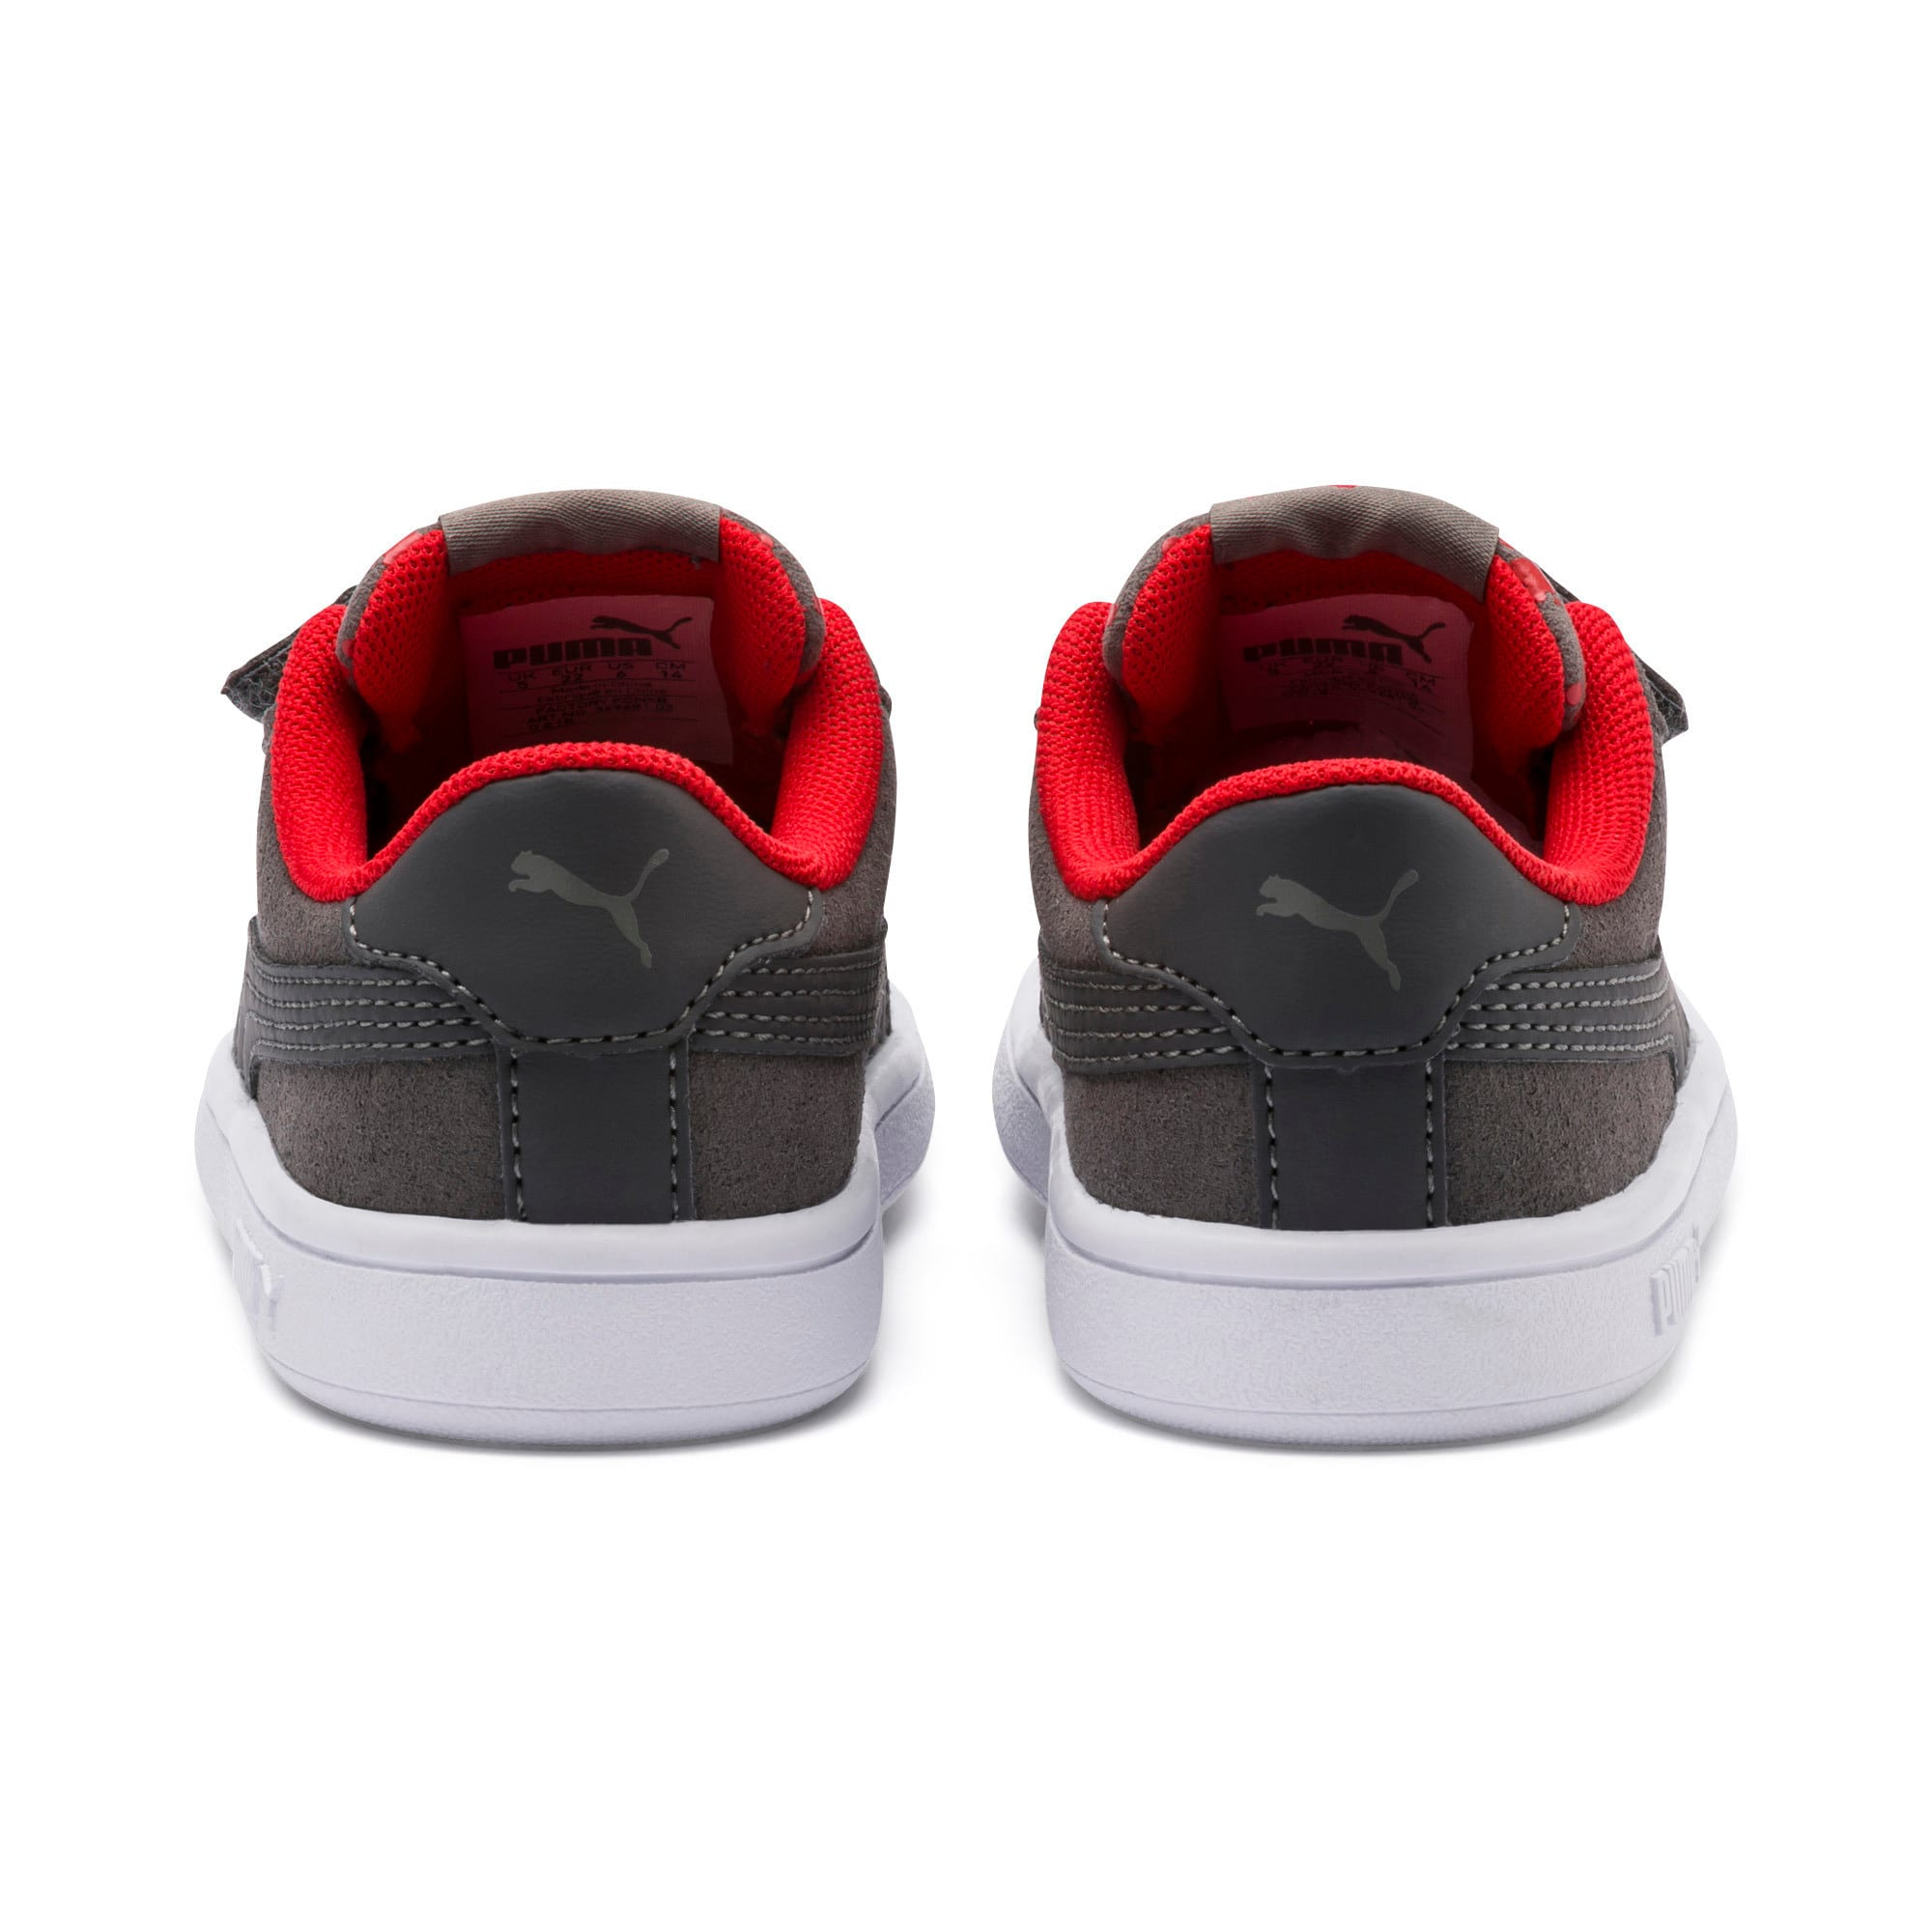 Thumbnail 3 of PUMA Smash v2 Monster Toddler Shoes, Asphalt-C. Gray-Red-White, medium